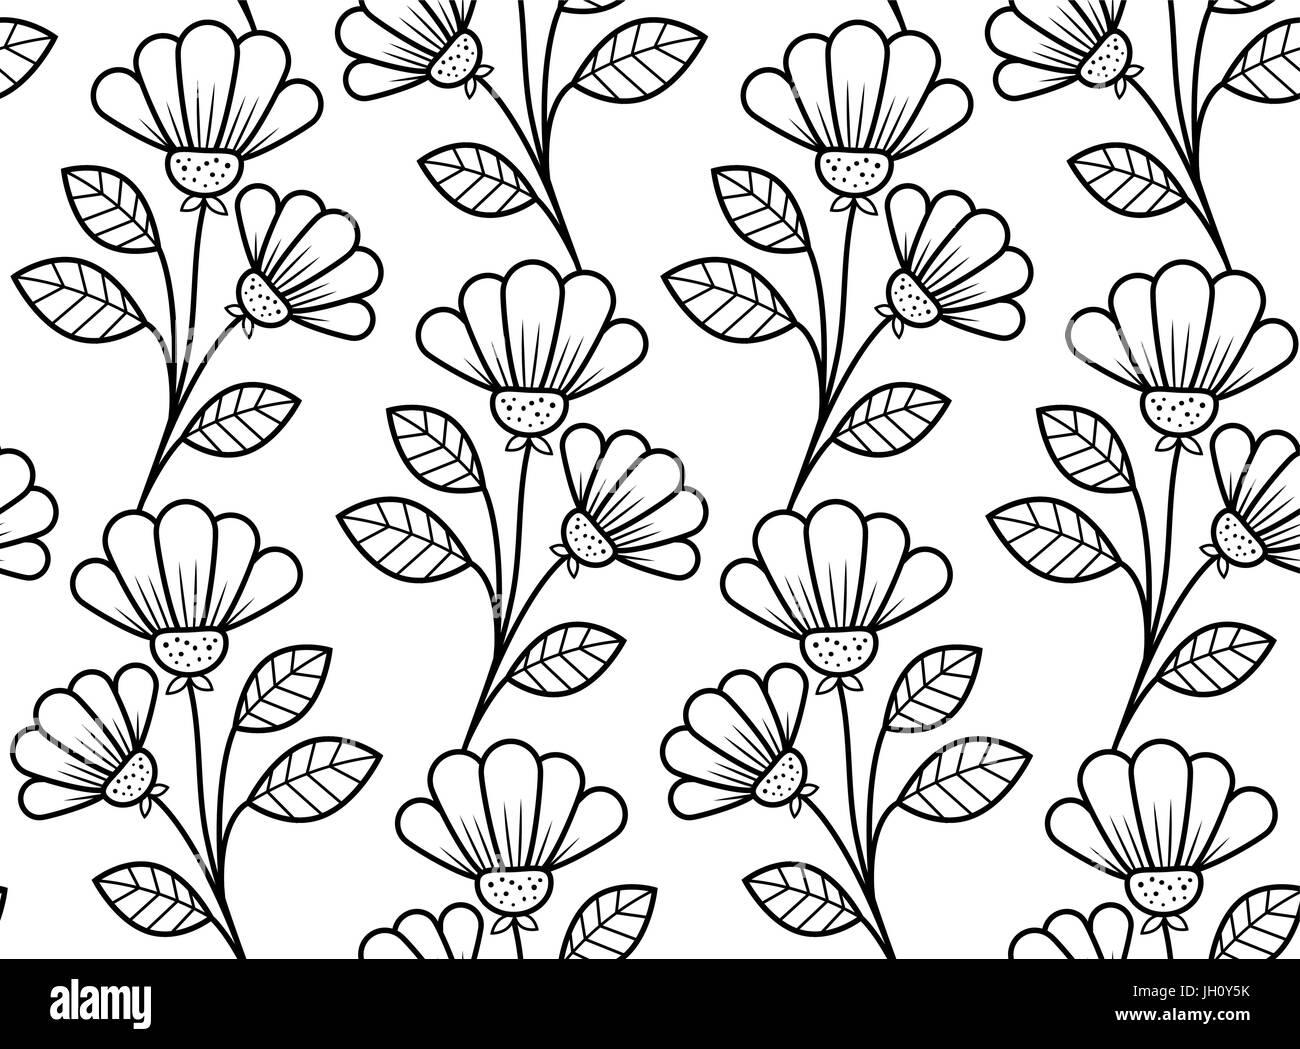 Fiori Vettoriali.Botanical Seamless Pattern Disegnati A Mano Fiori Vettoriali In